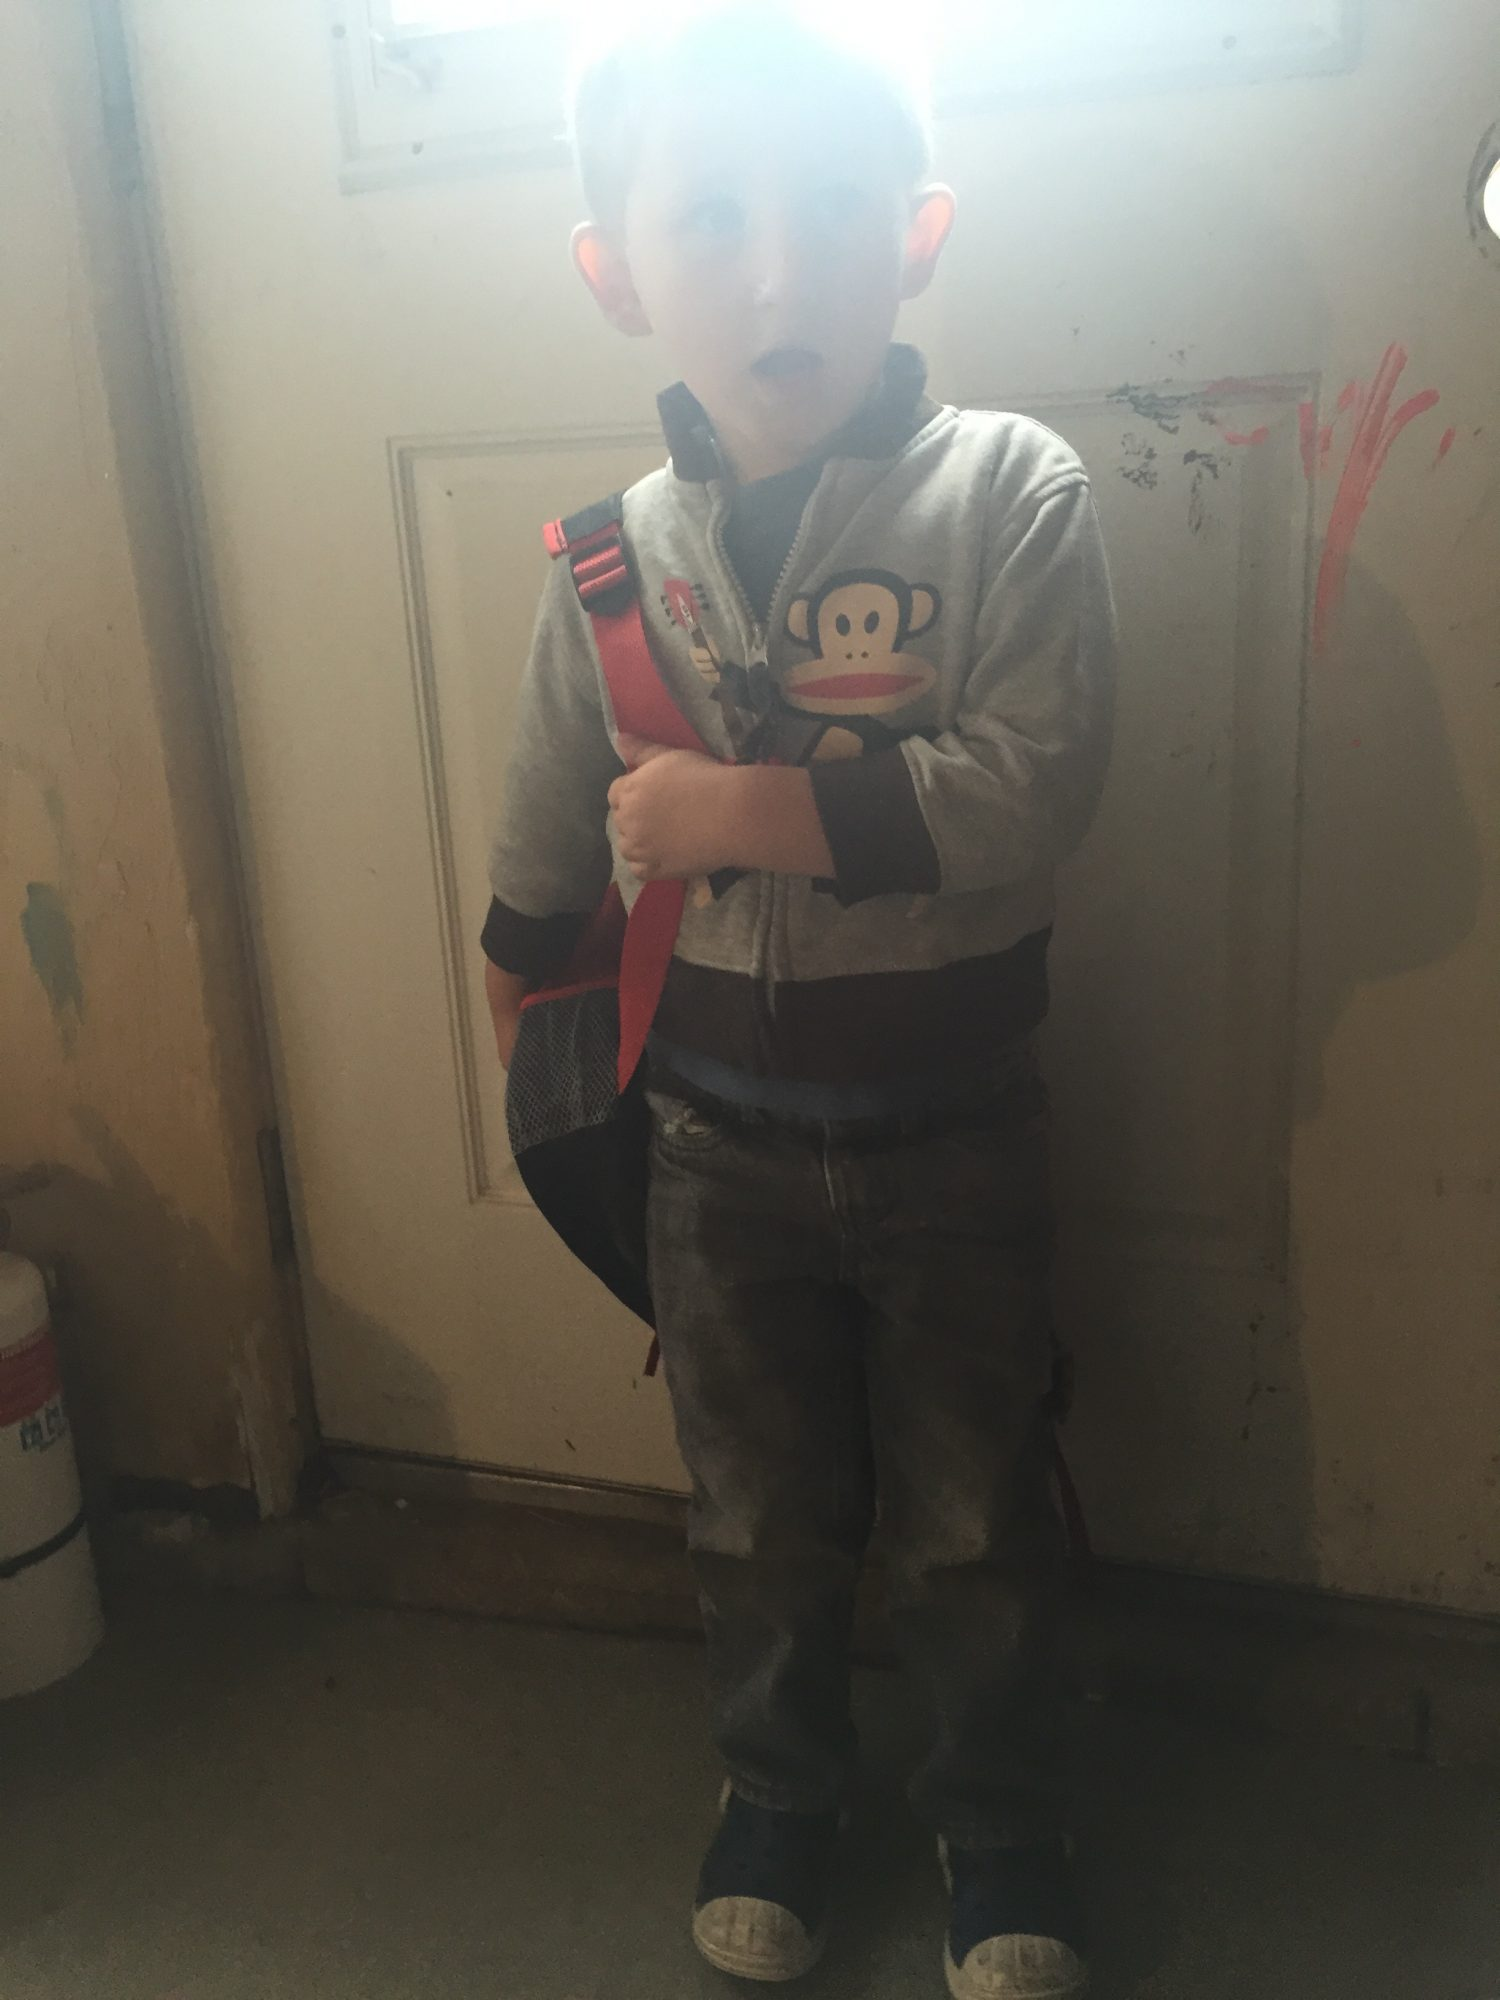 child in front of door